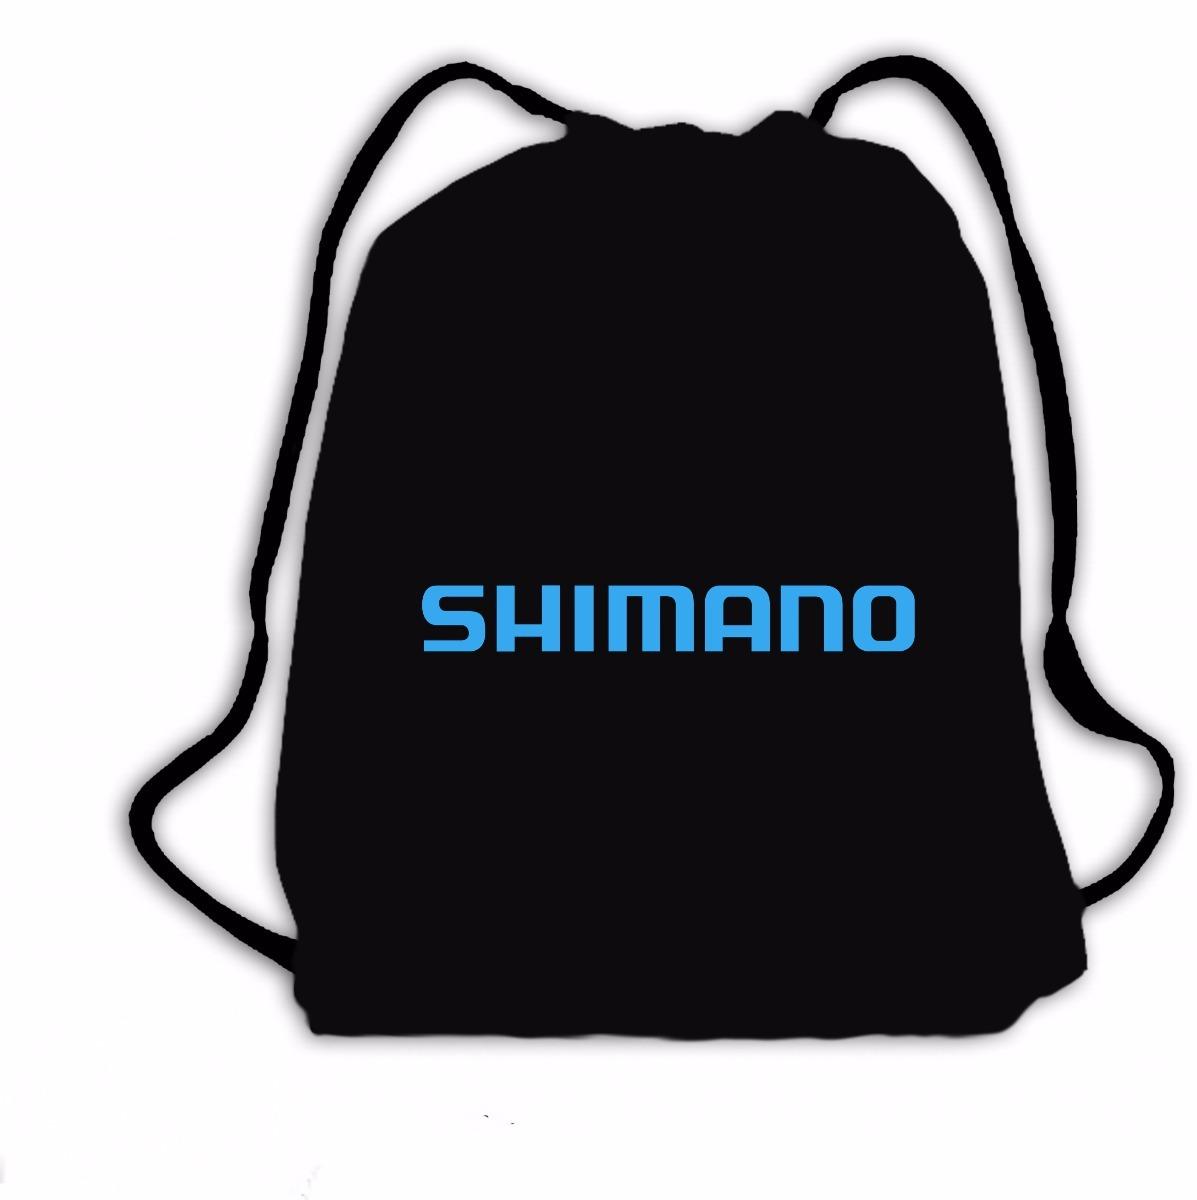 ebf4a61a4 35 mochila saco personalizada em nylon resinado brinde. Carregando zoom.